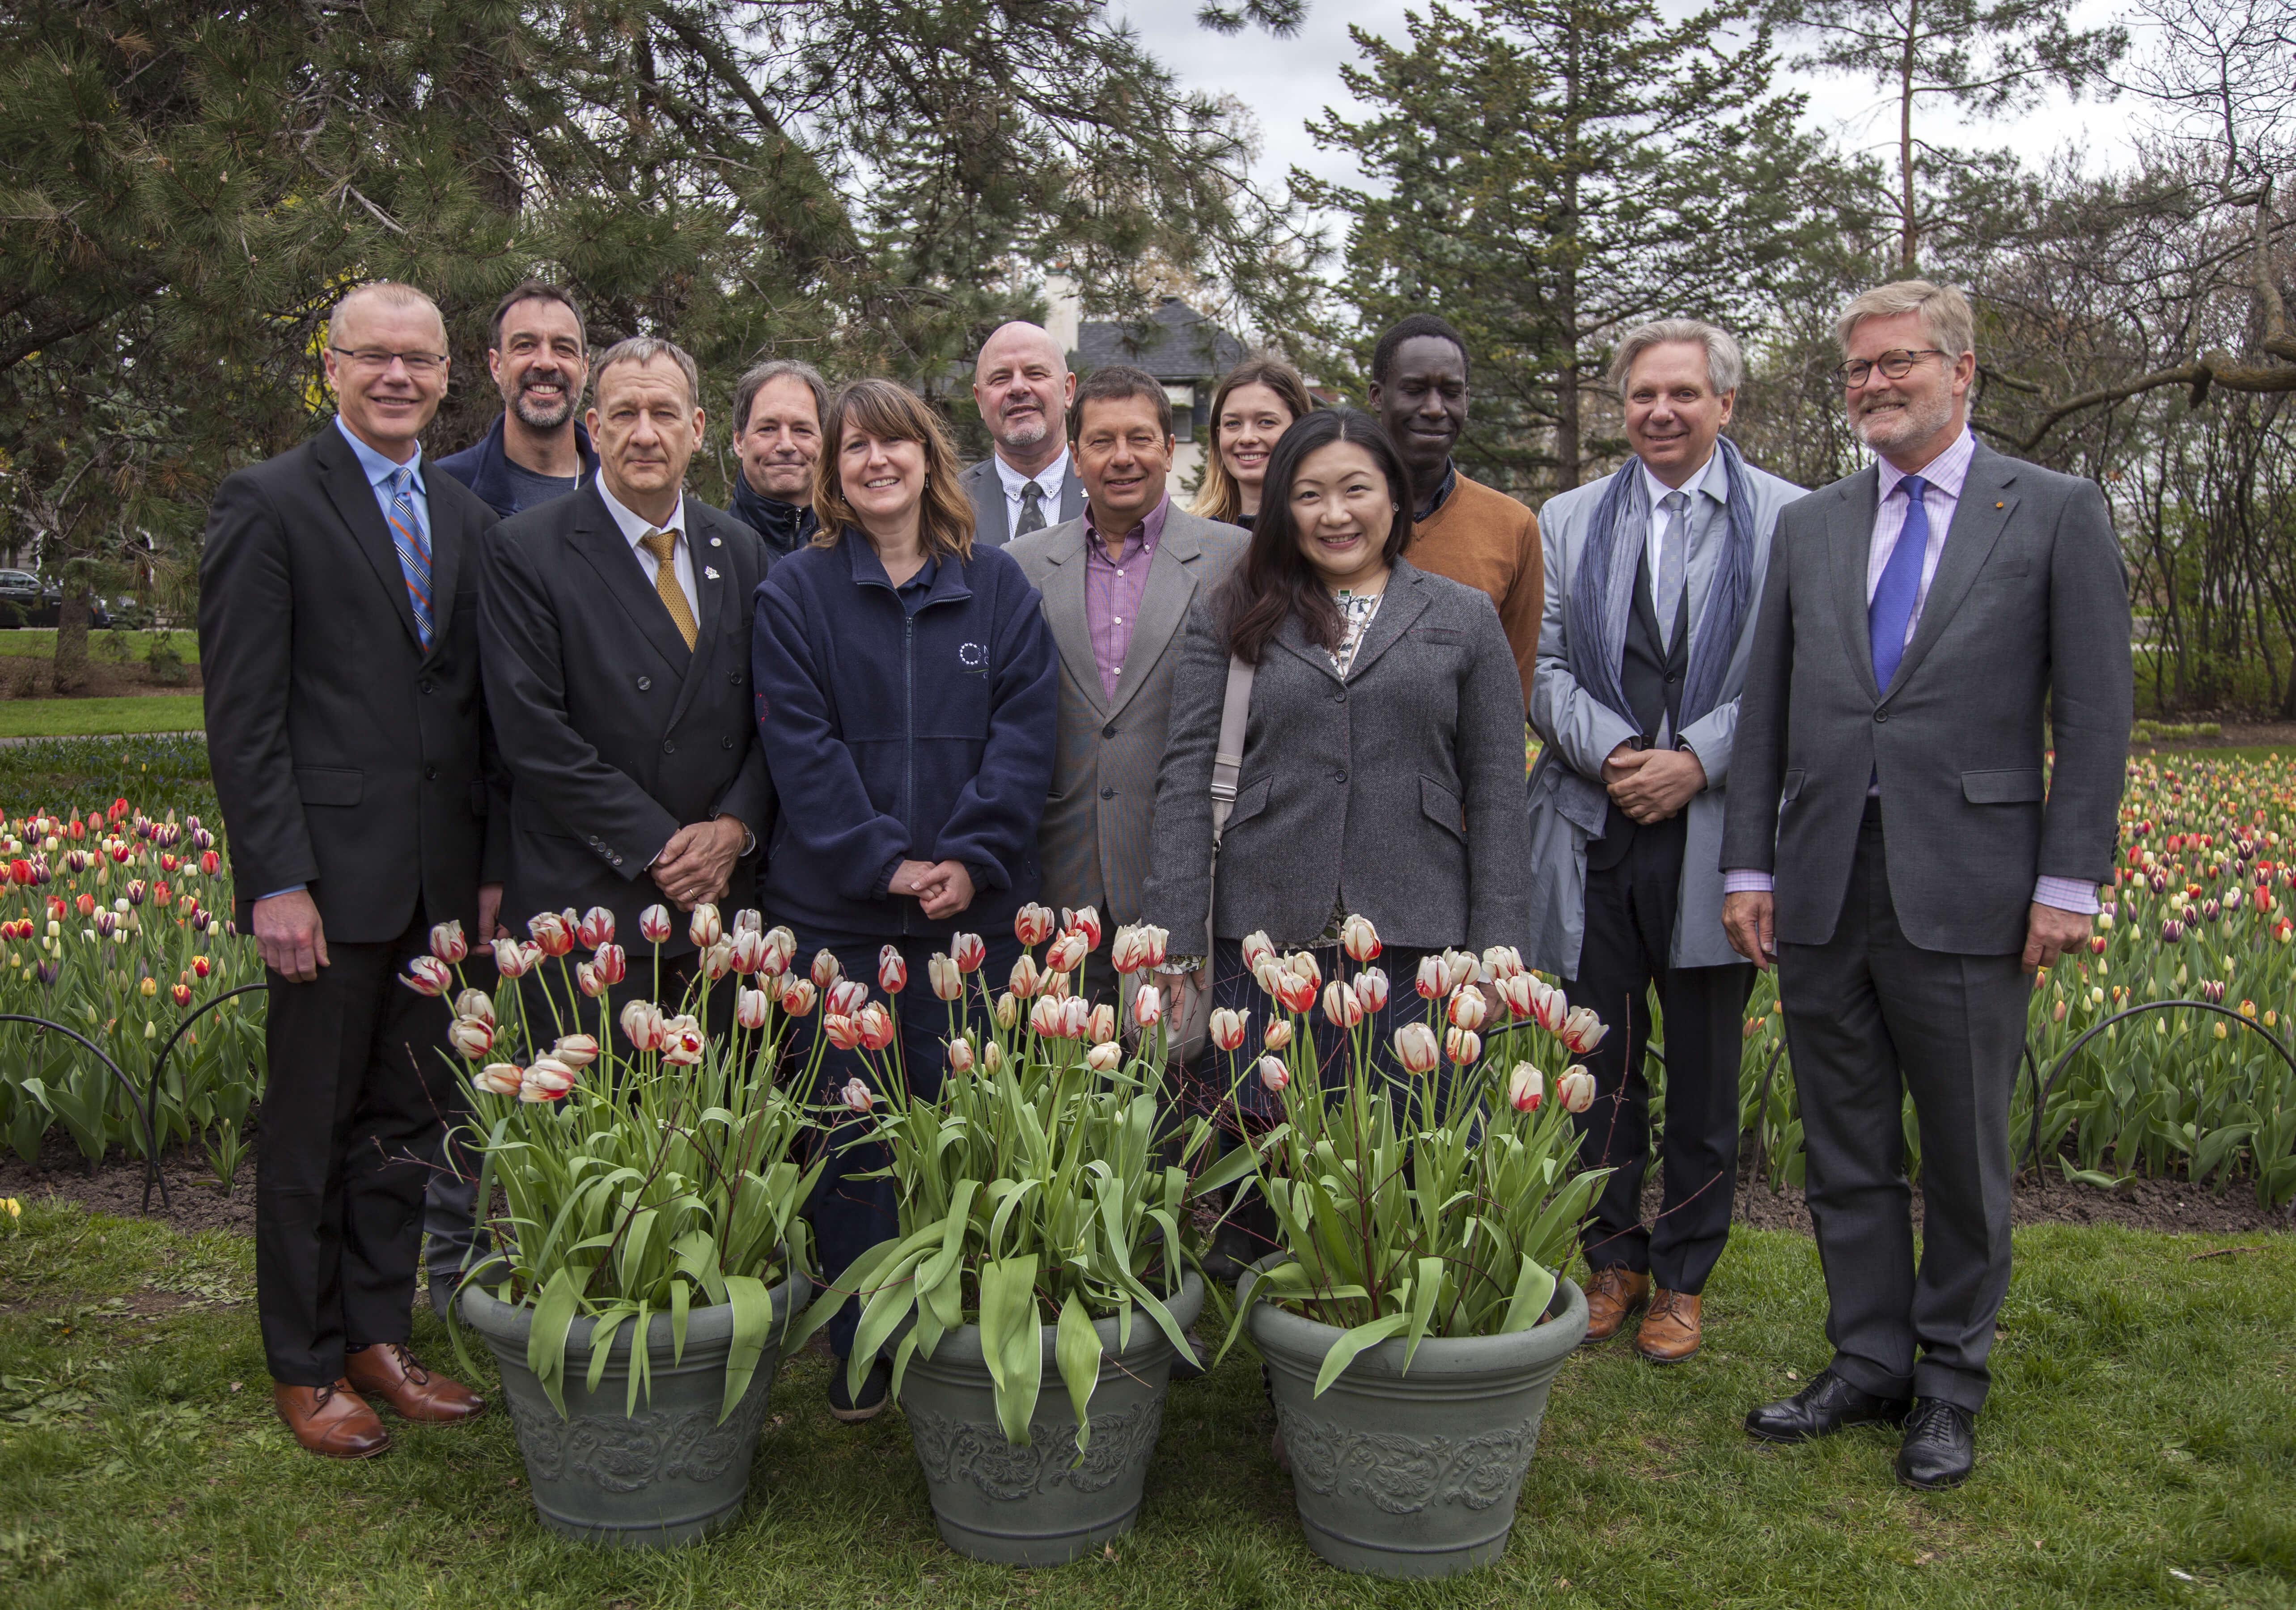 Canada 150 tulip launch event